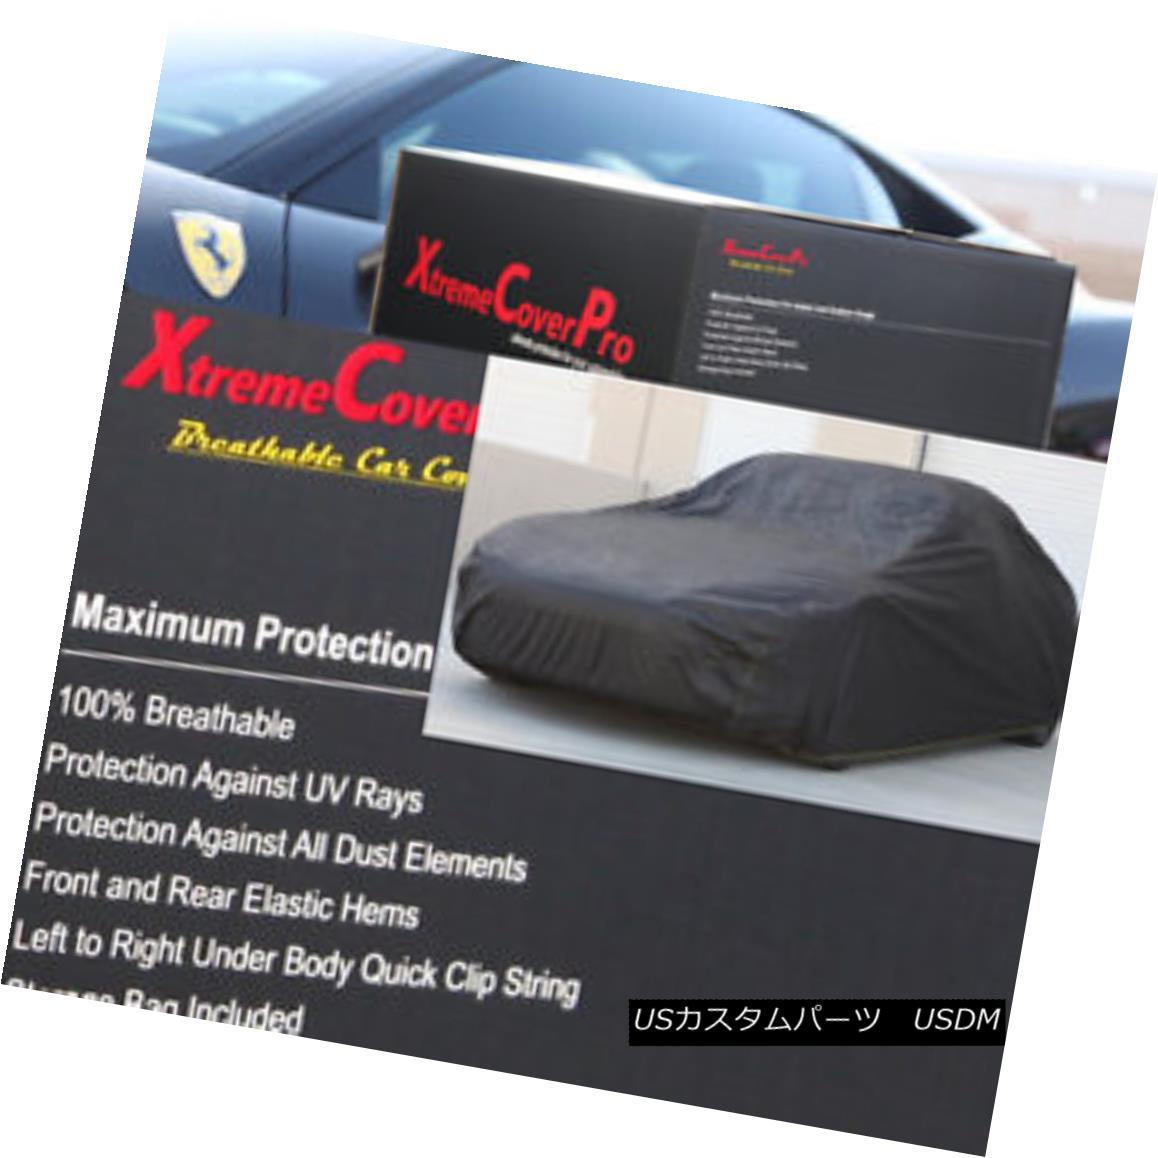 カーカバー 2012 Mercedes-Benz SLK250 SLK350 Breathable Car Cover 2012メルセデスベンツSLK250 SLK350通気性車カバー